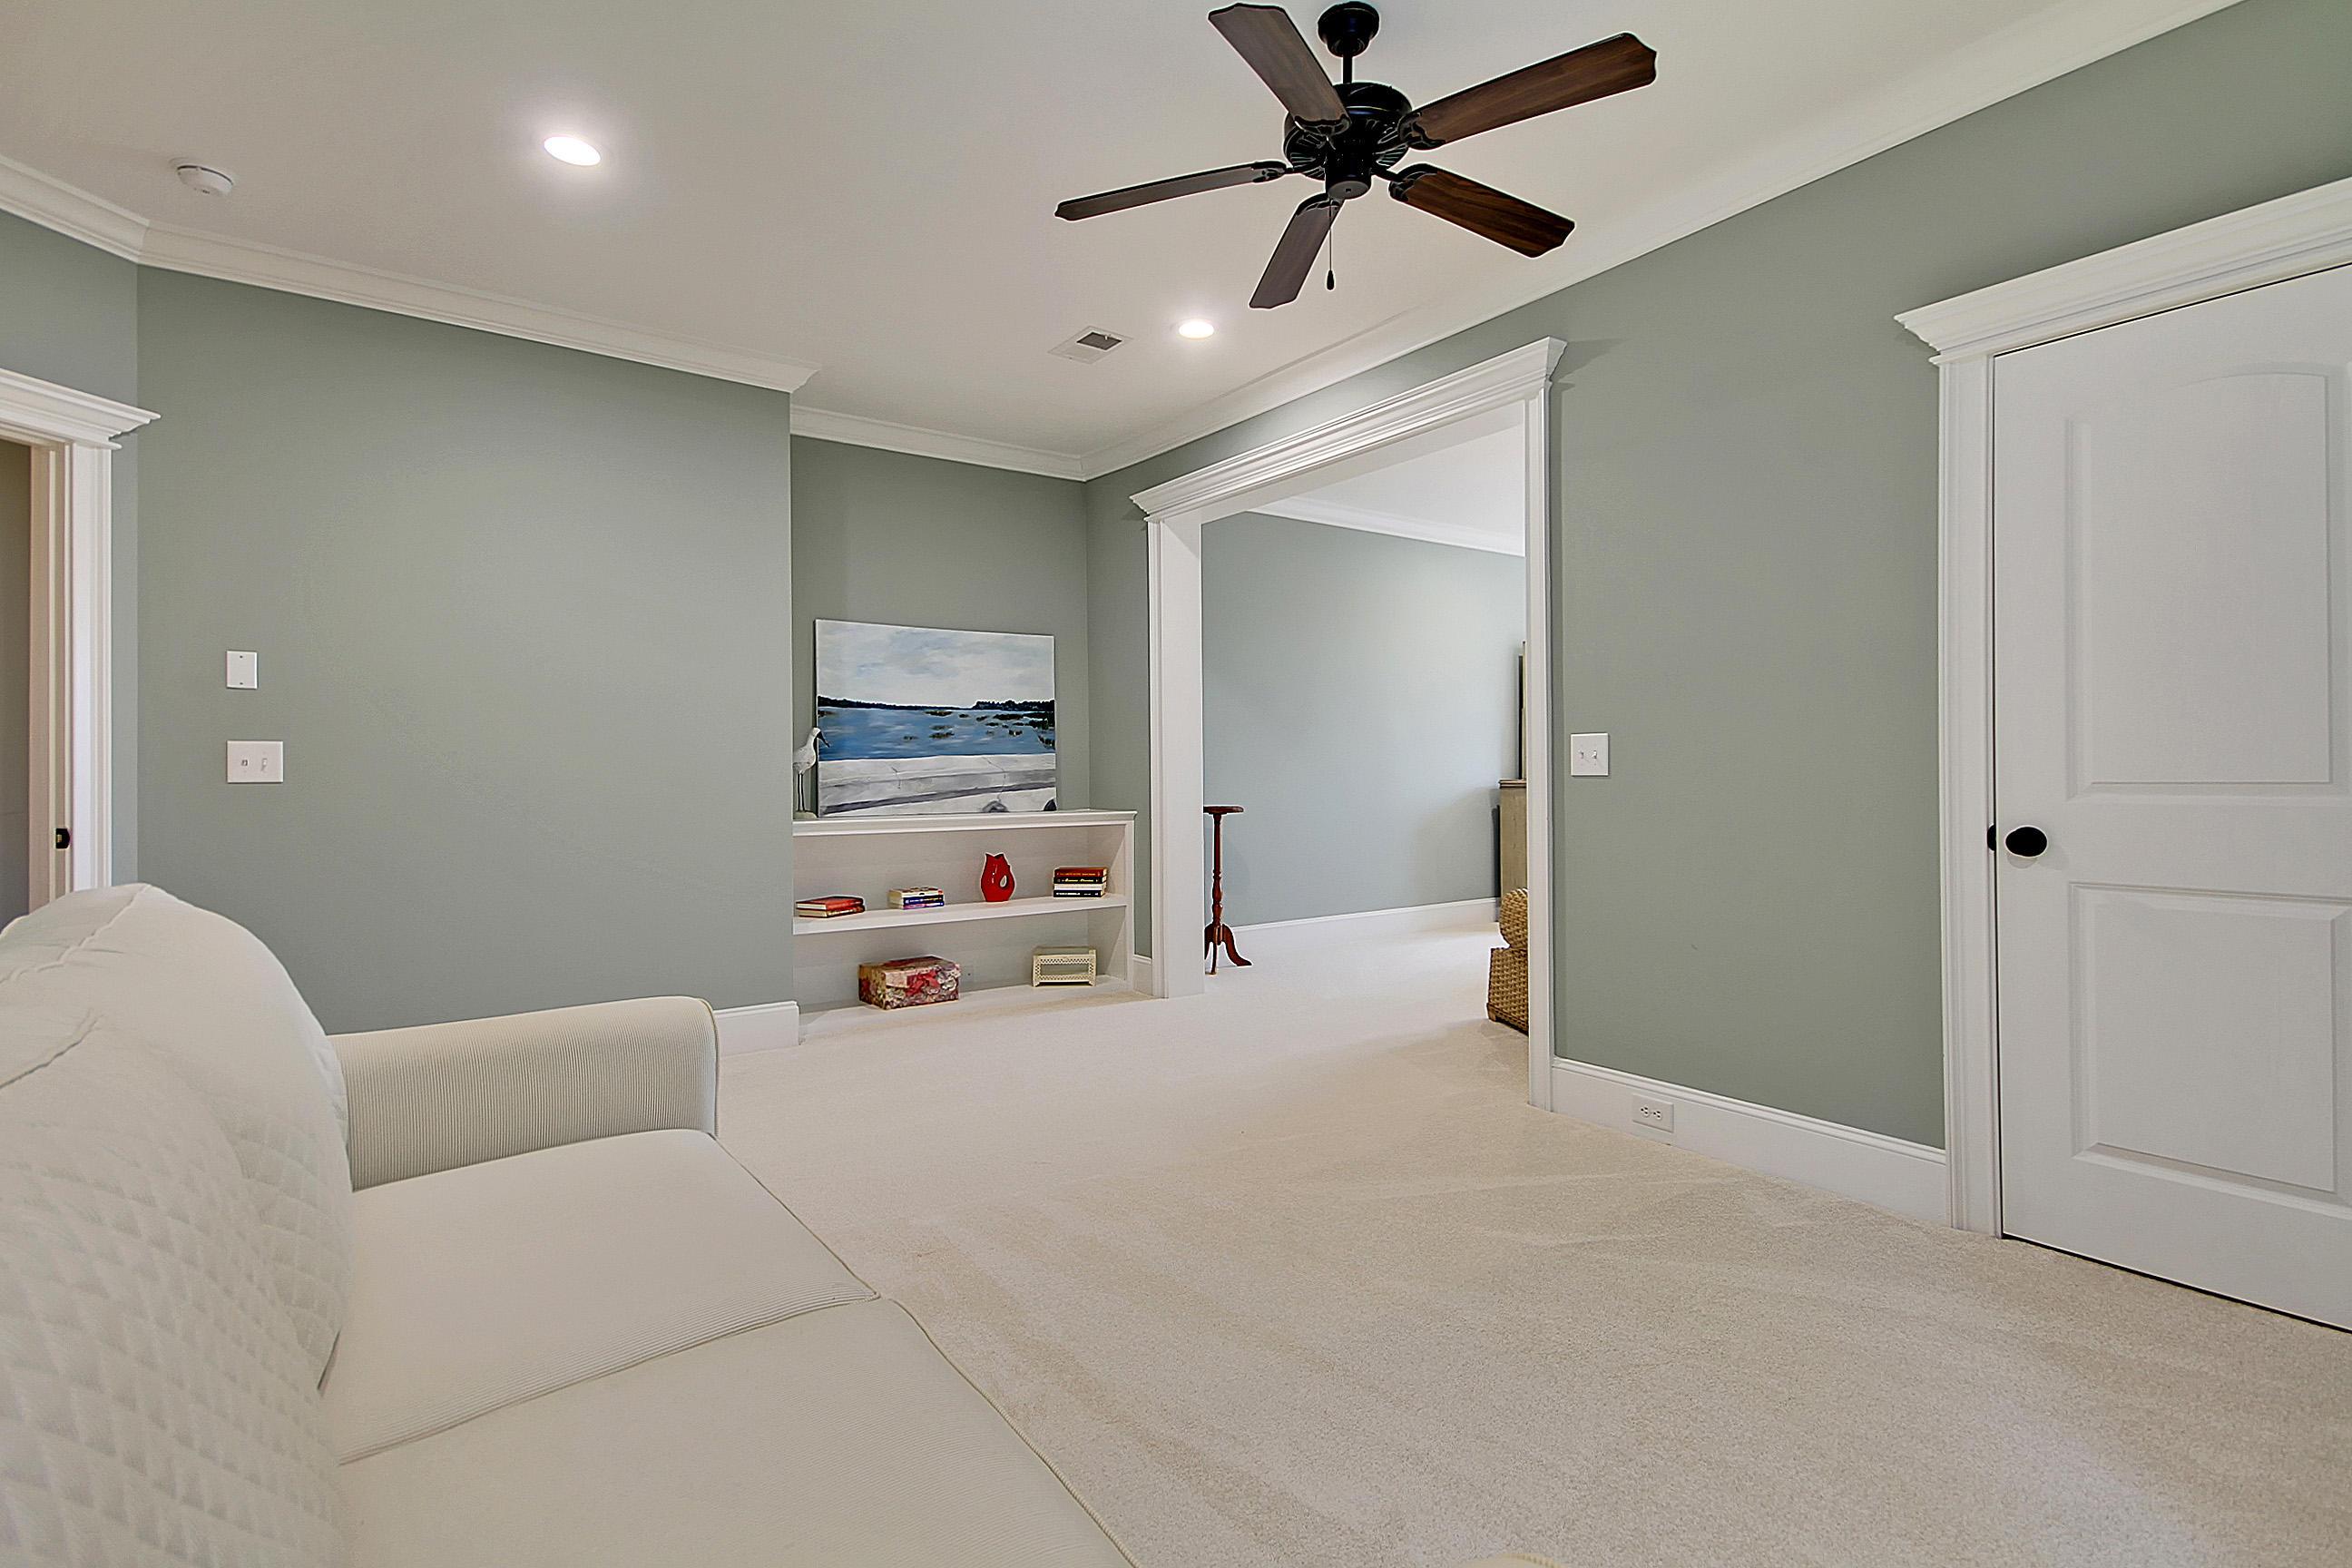 Park West Homes For Sale - 3940 Ashton Shore, Mount Pleasant, SC - 10